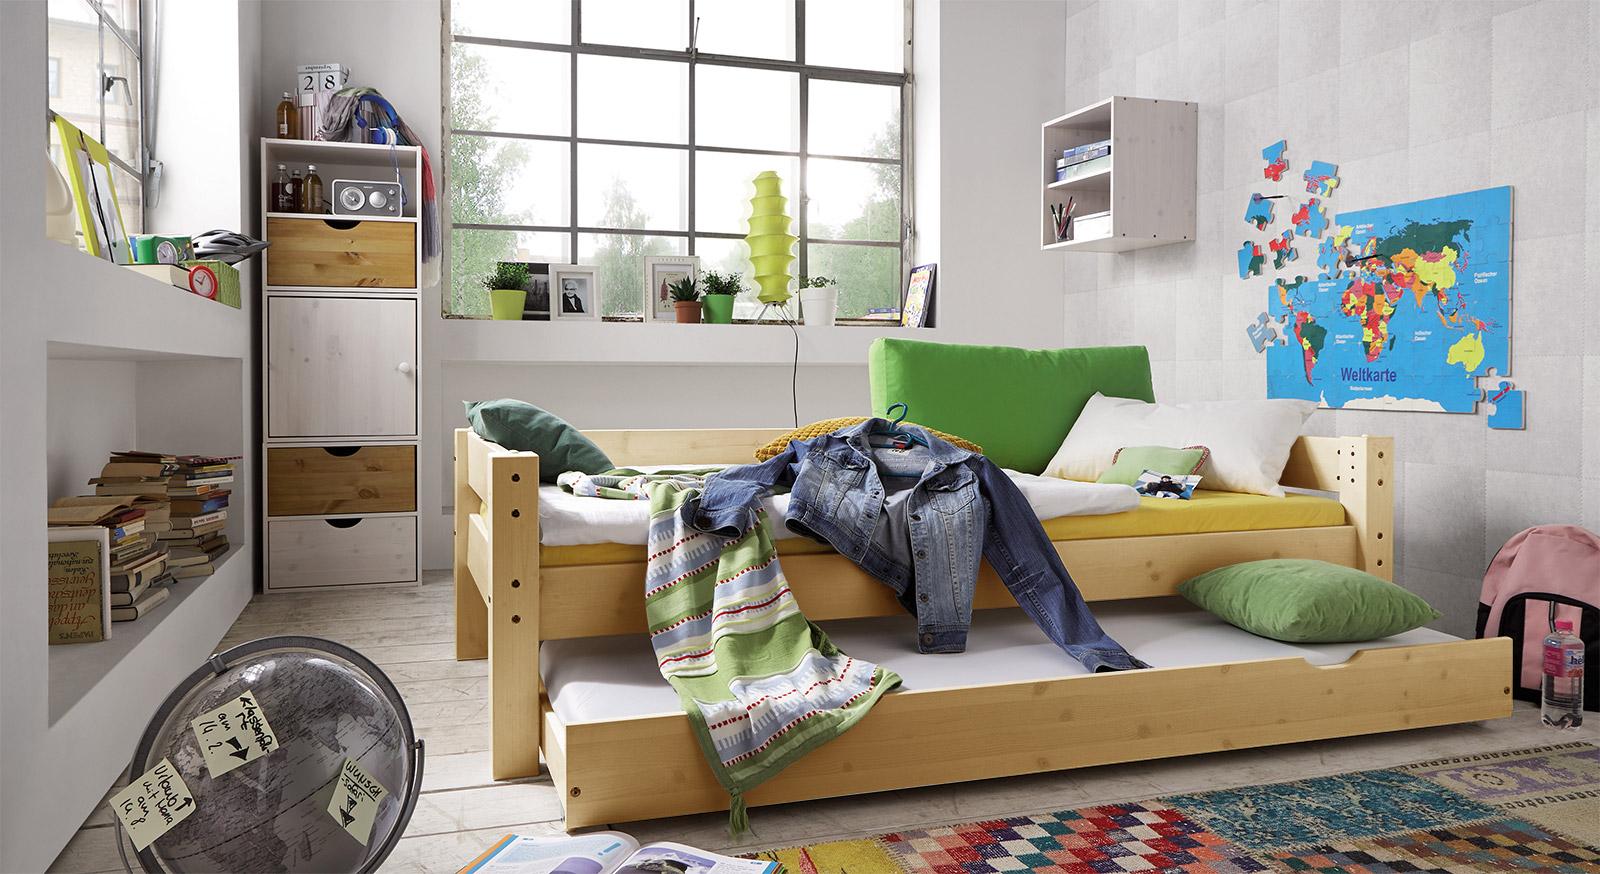 Ausziehbett Kids-Dreams aus Buche natur mit passenden Produkten